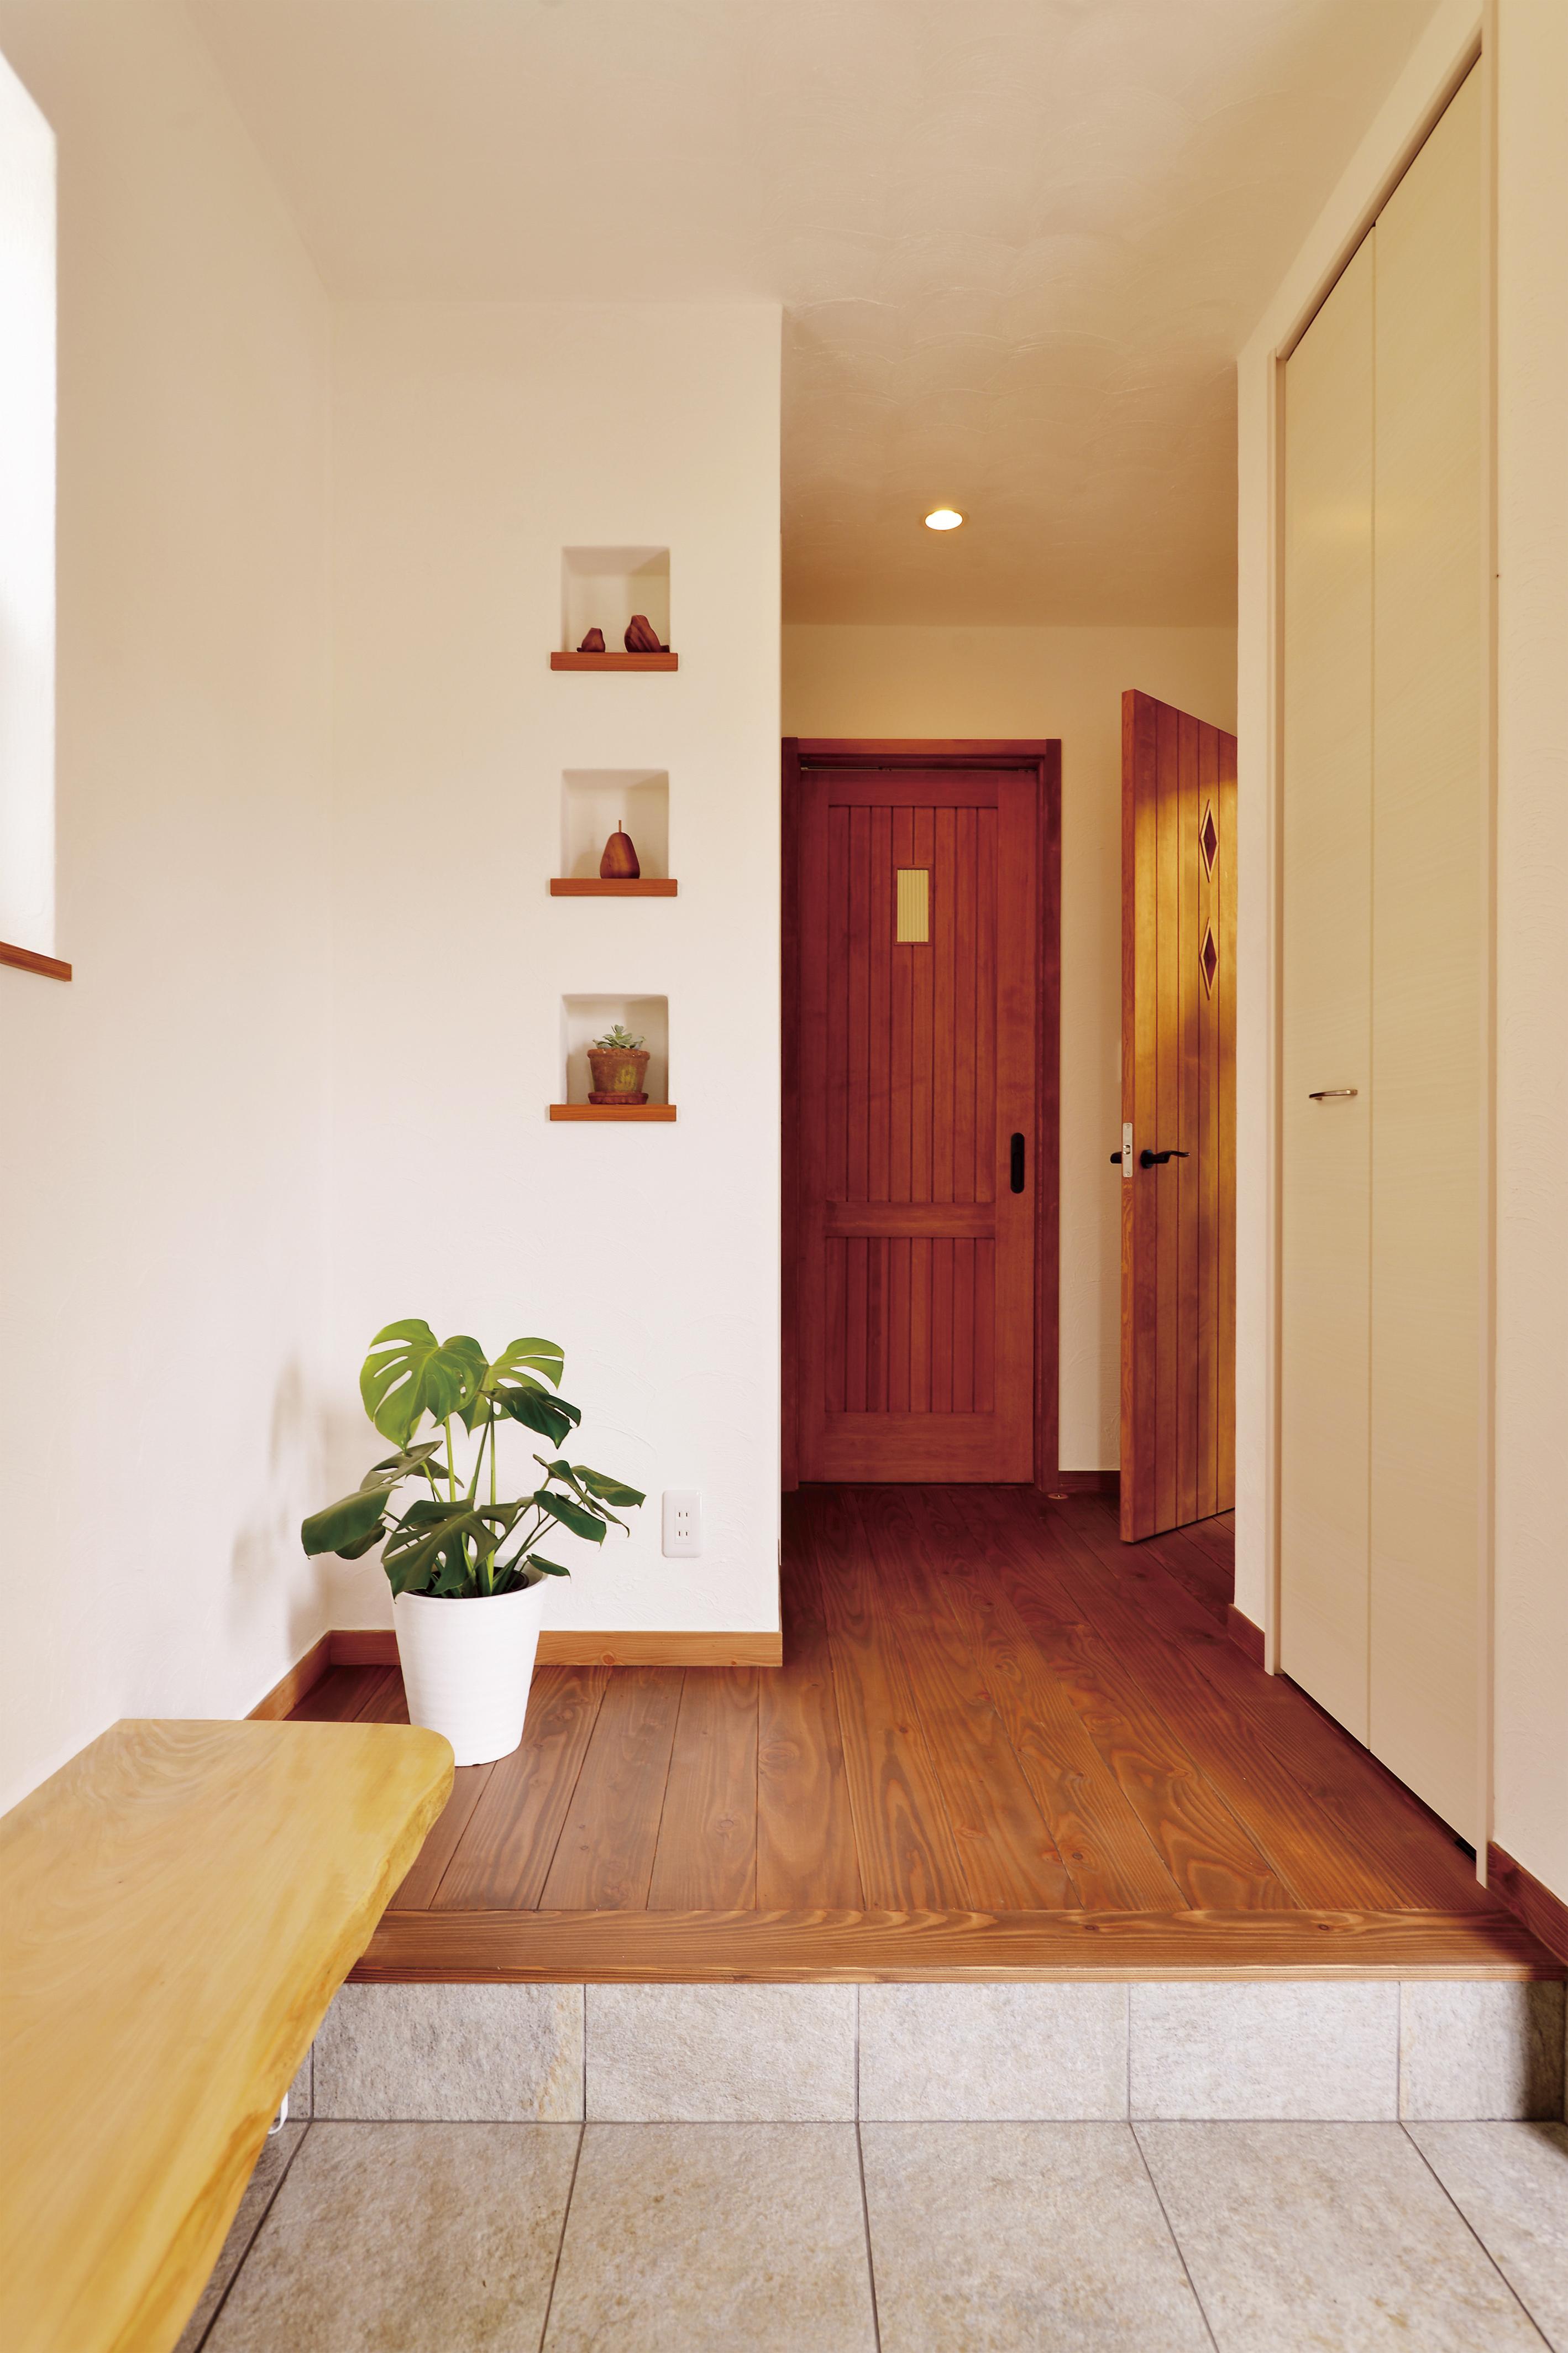 玄関には靴を履くための専用椅子も